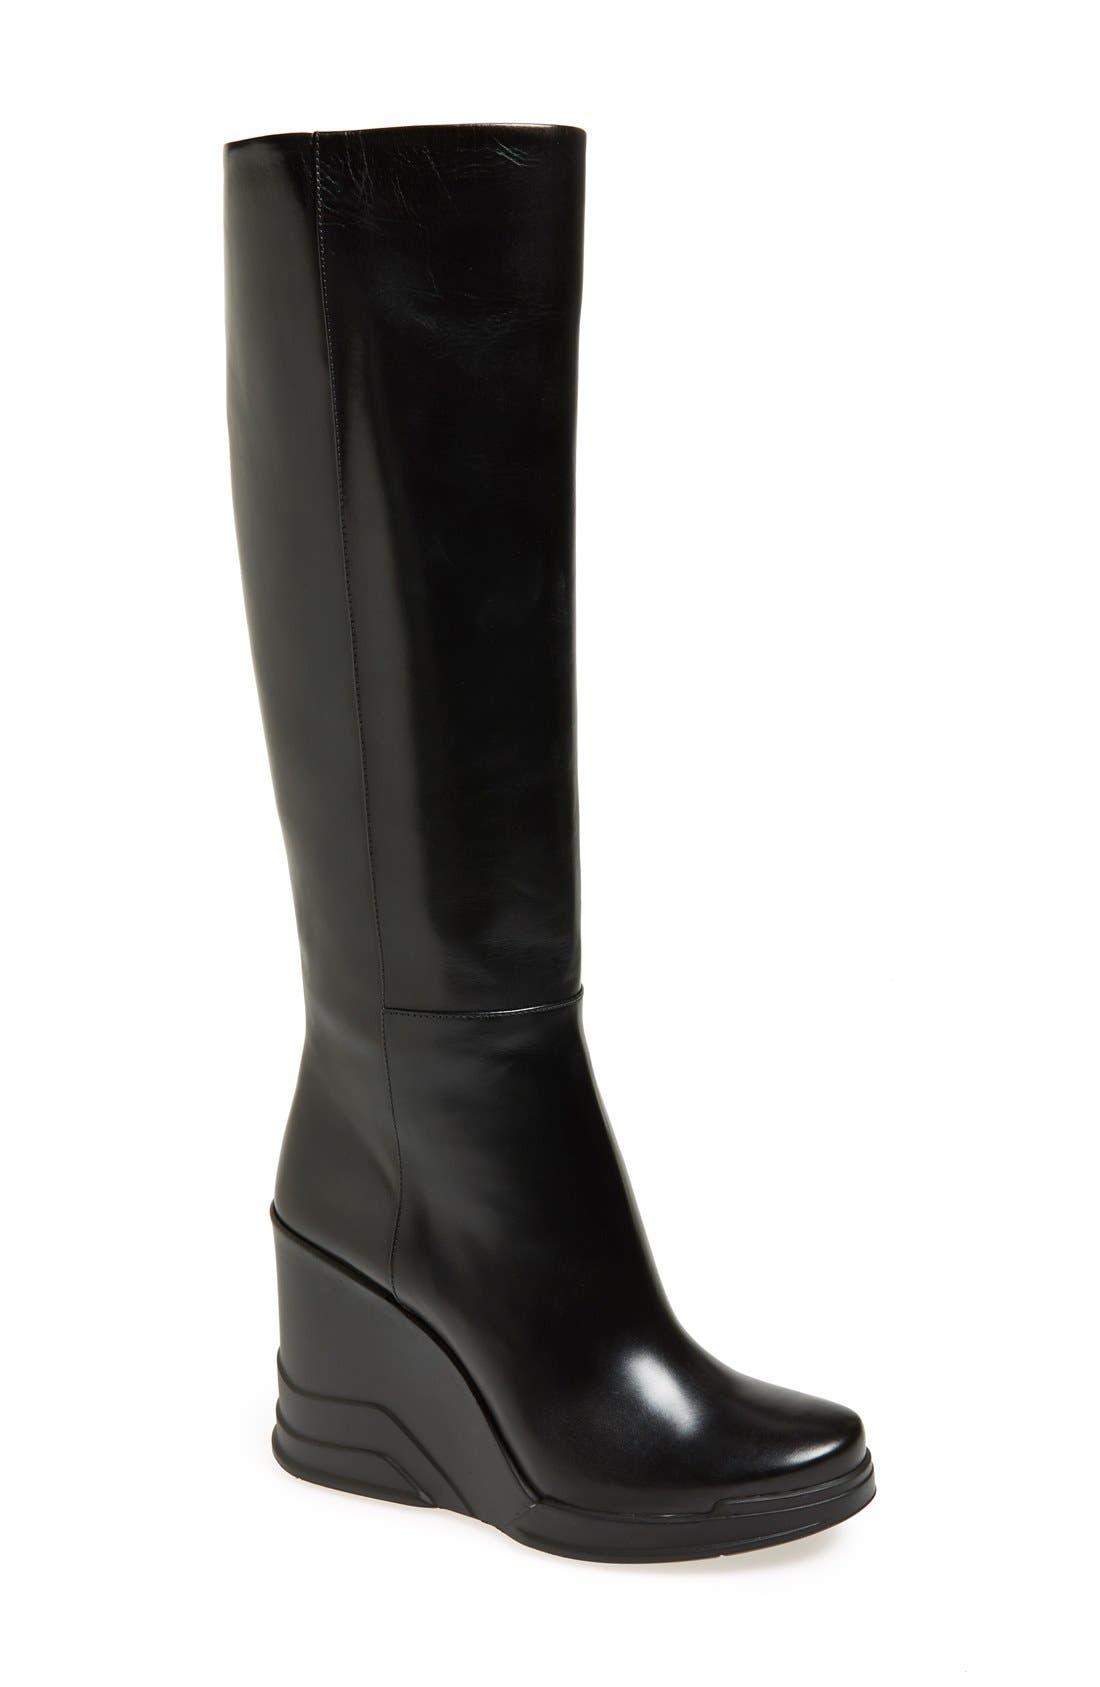 Main Image - Prada Knee High Wedge Boot (Women)